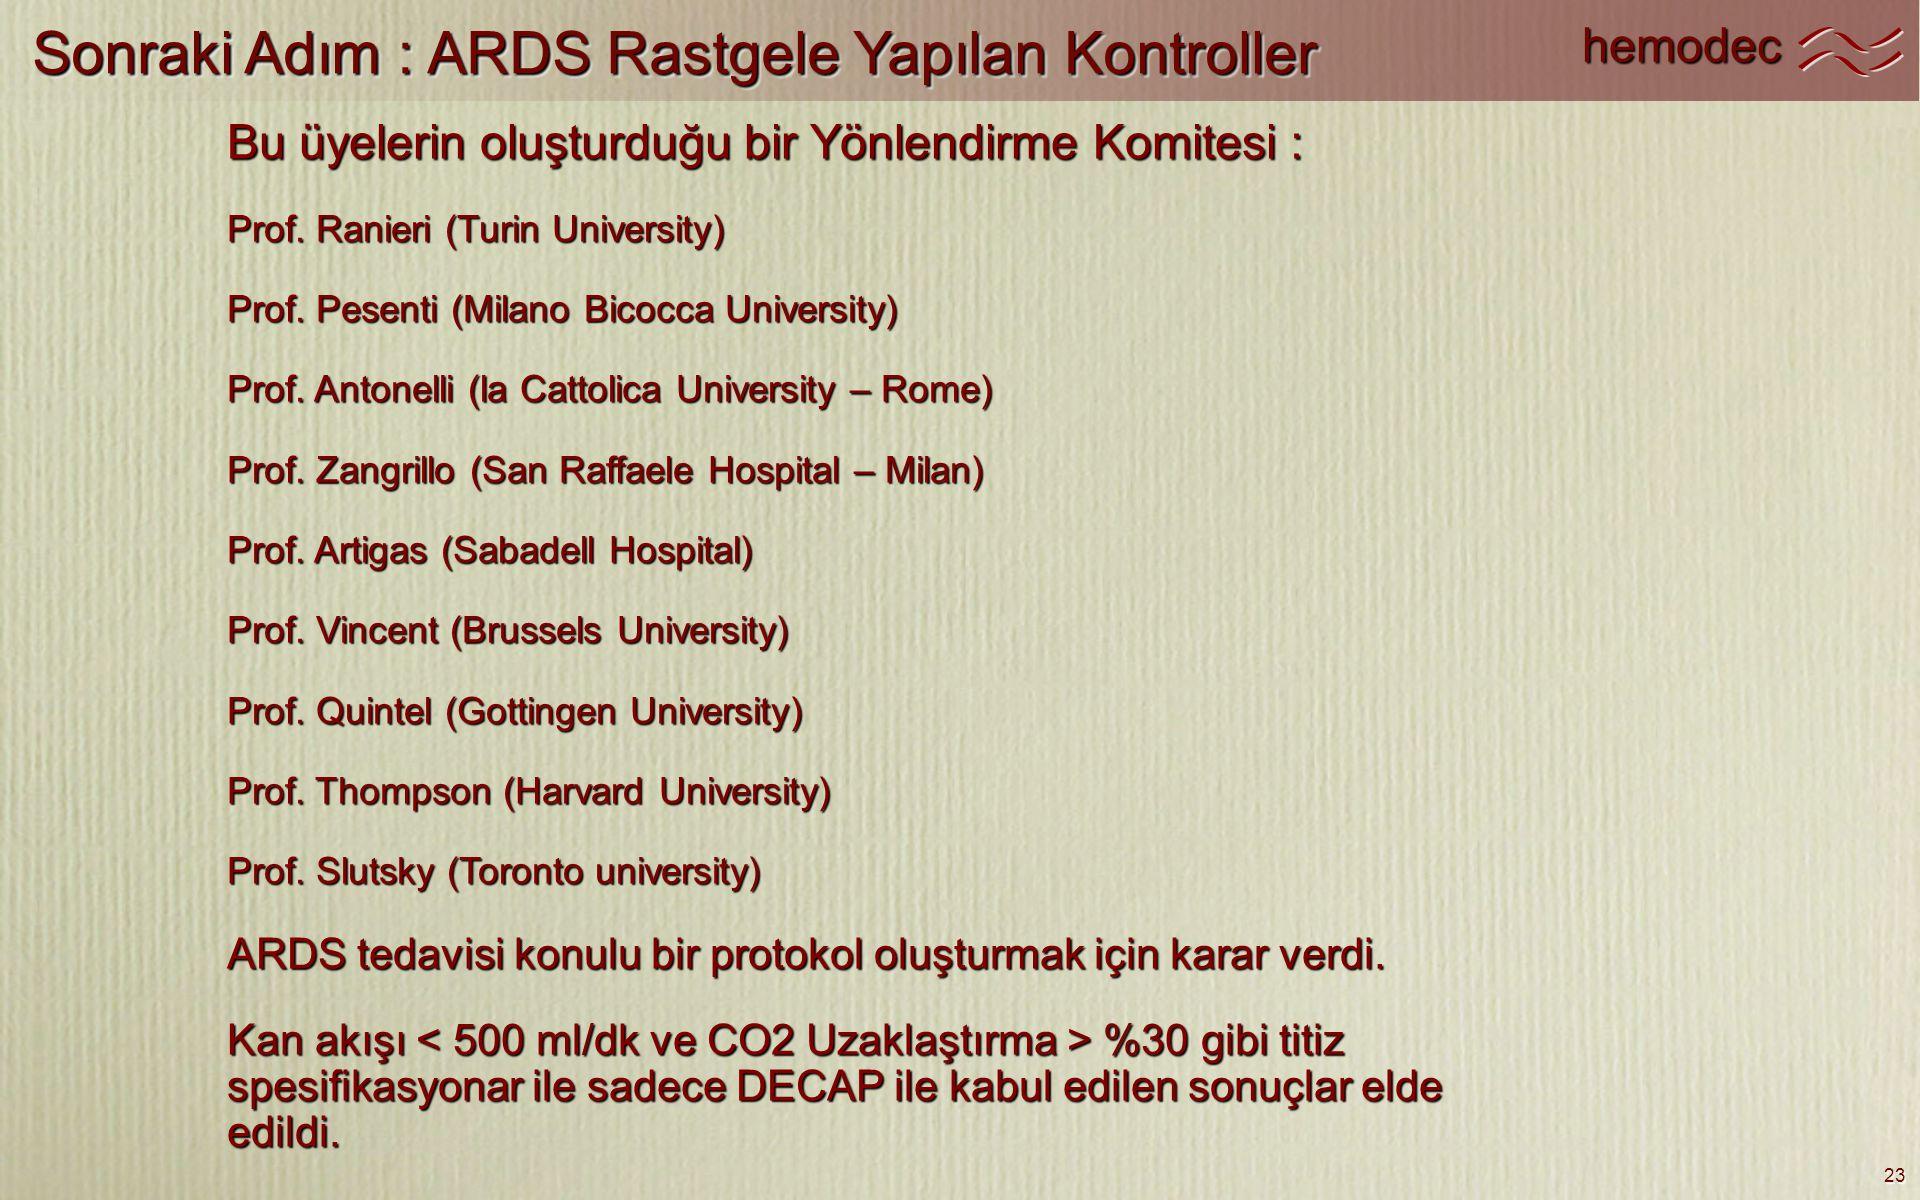 hemodec 23 Sonraki Adım : ARDS Rastgele Yapılan Kontroller Bu üyelerin oluşturduğu bir Yönlendirme Komitesi : Prof. Ranieri (Turin University) Prof. P